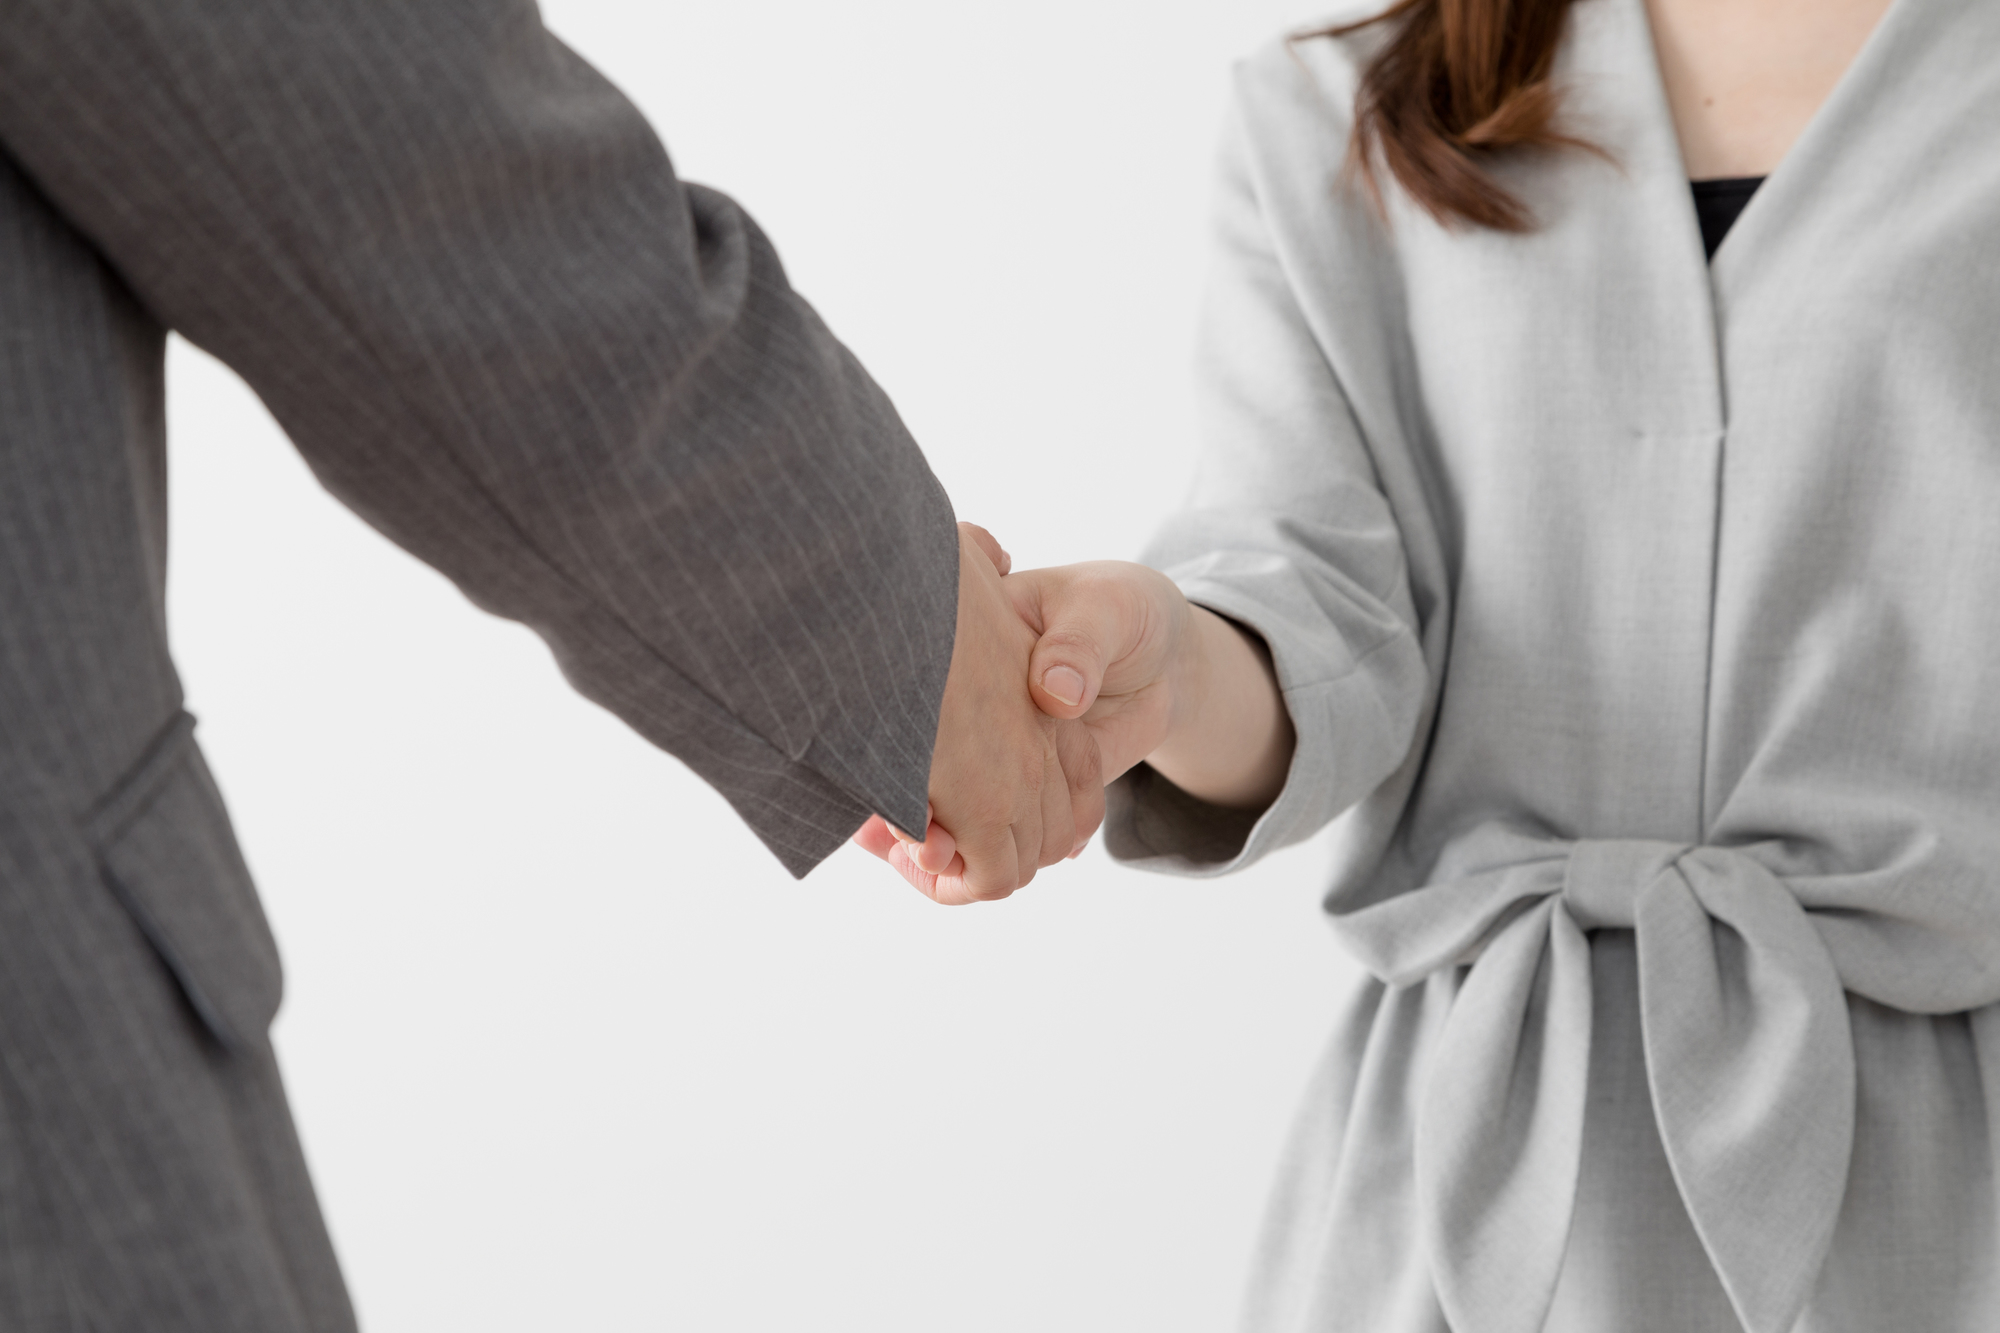 クライアントの男性と握手する女性の専門家